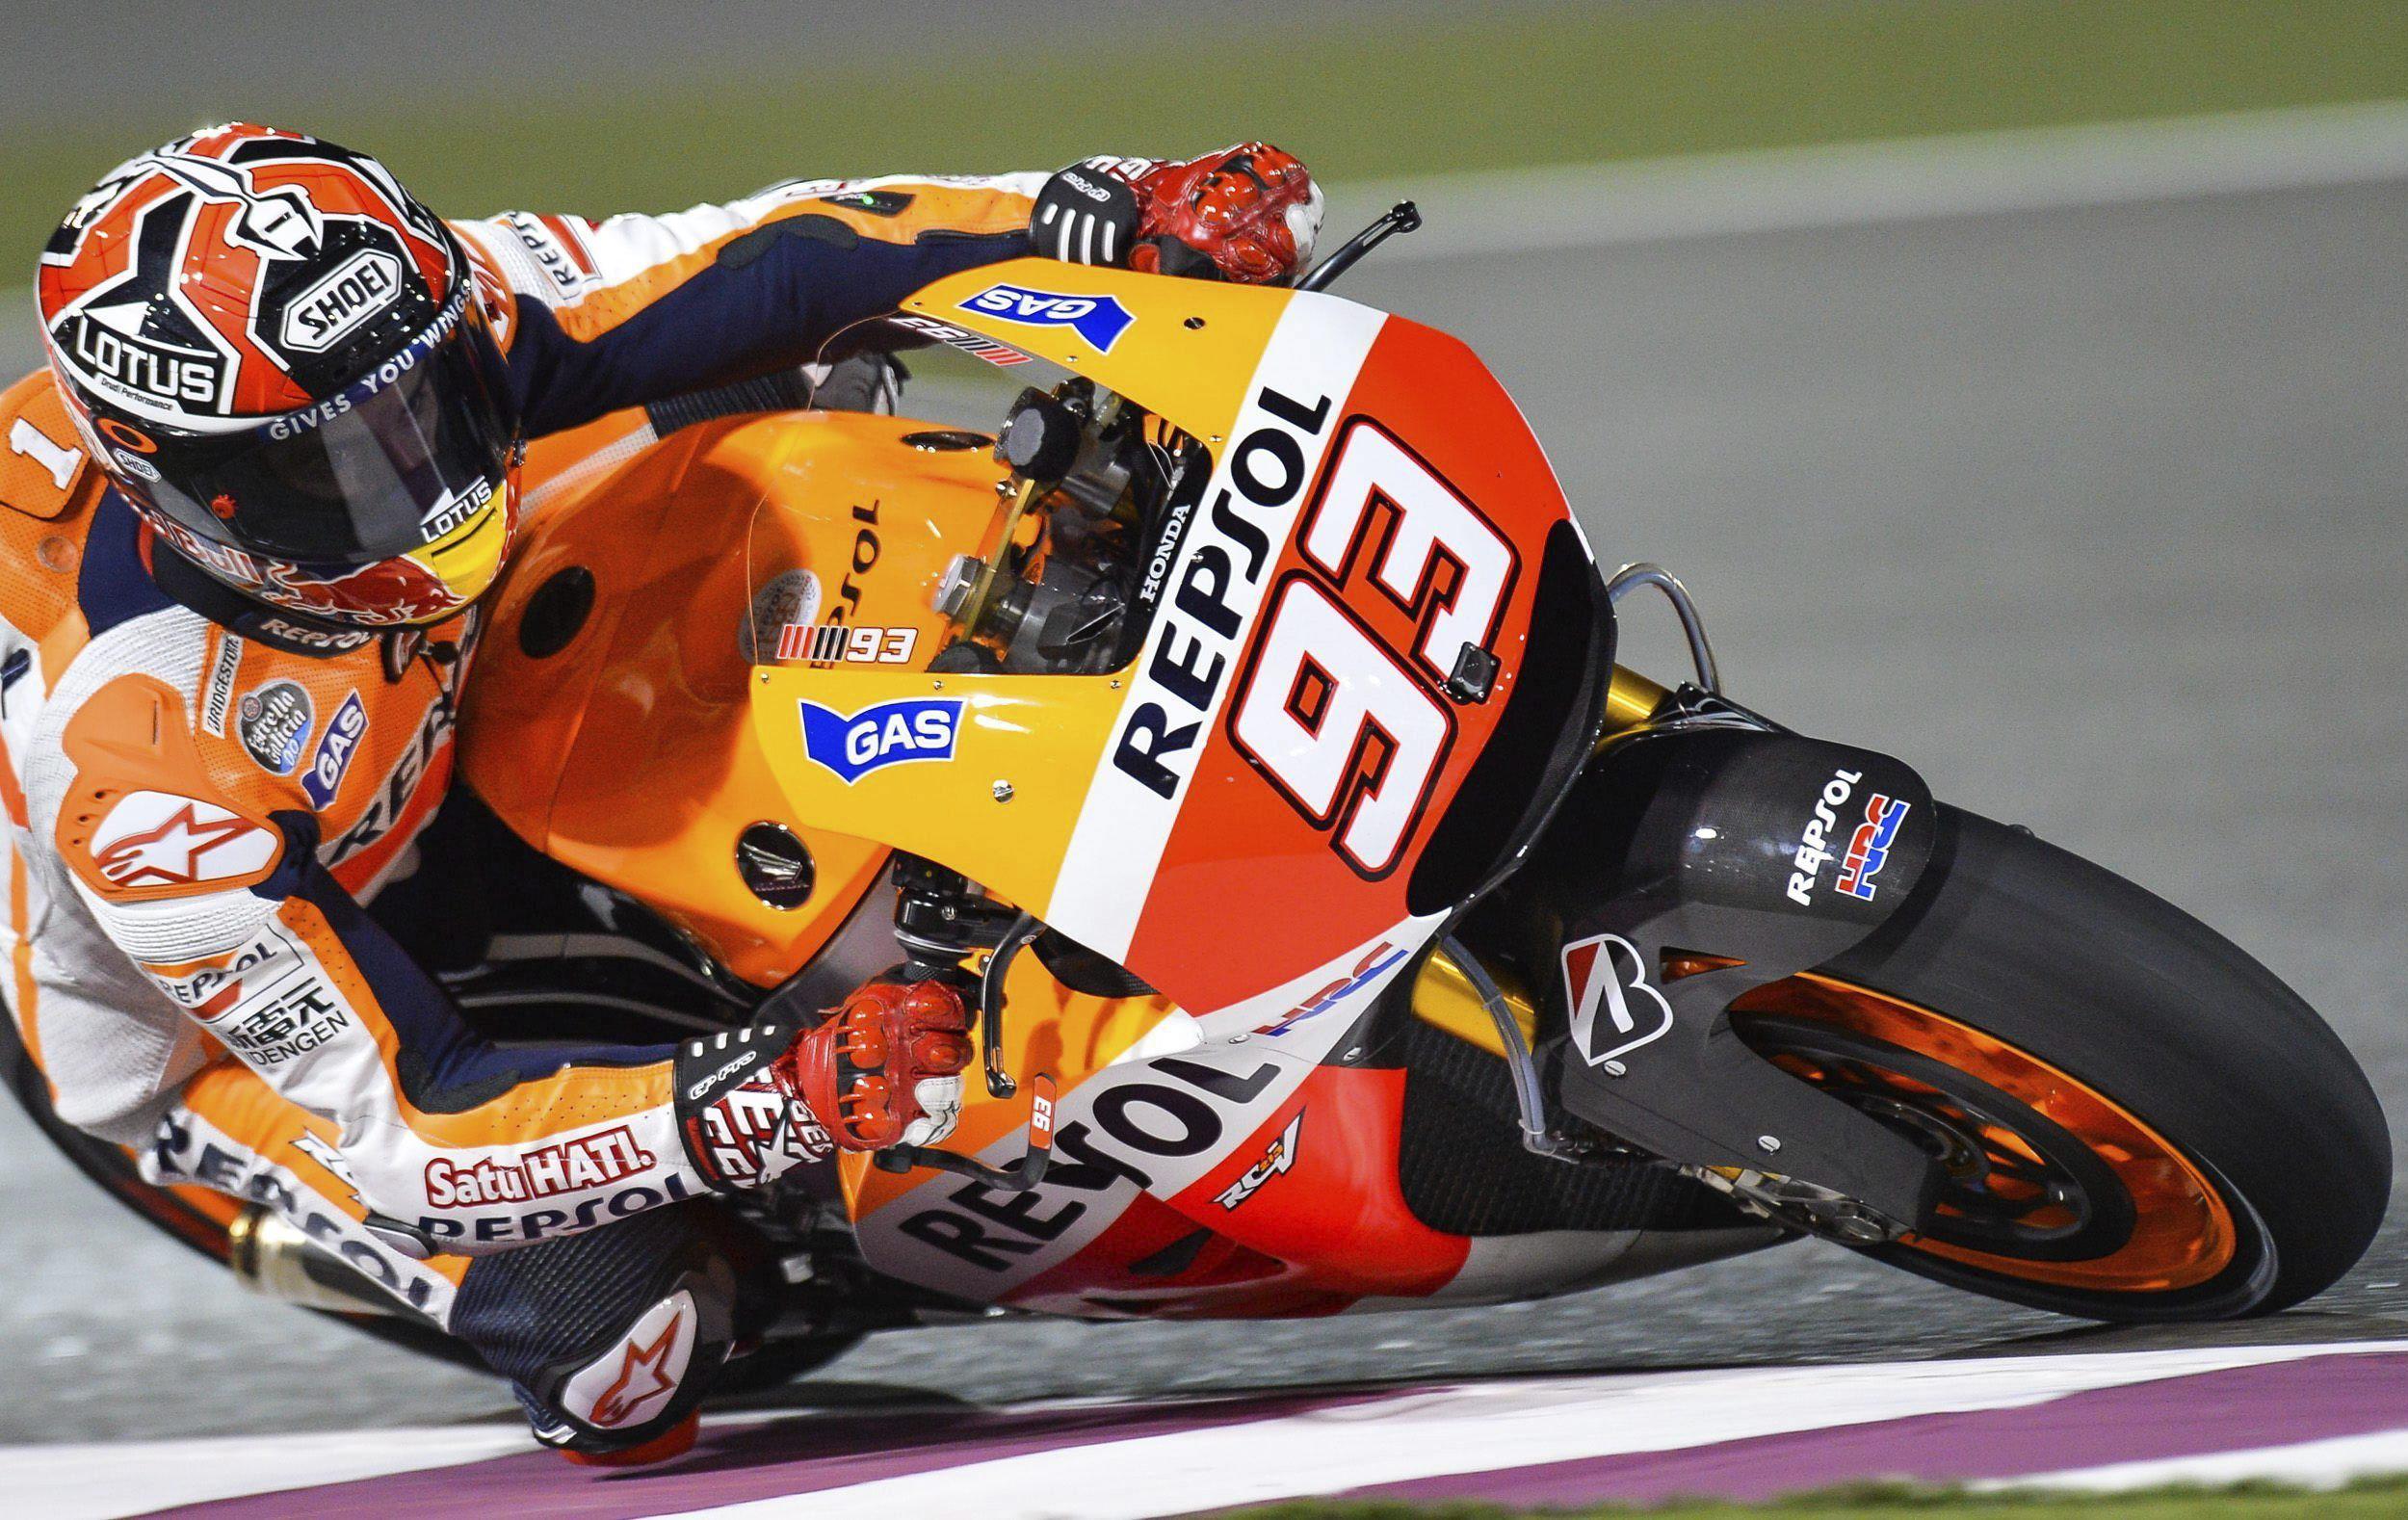 Márquez será el rival a batir en un circuito en el que comenzó su año récord